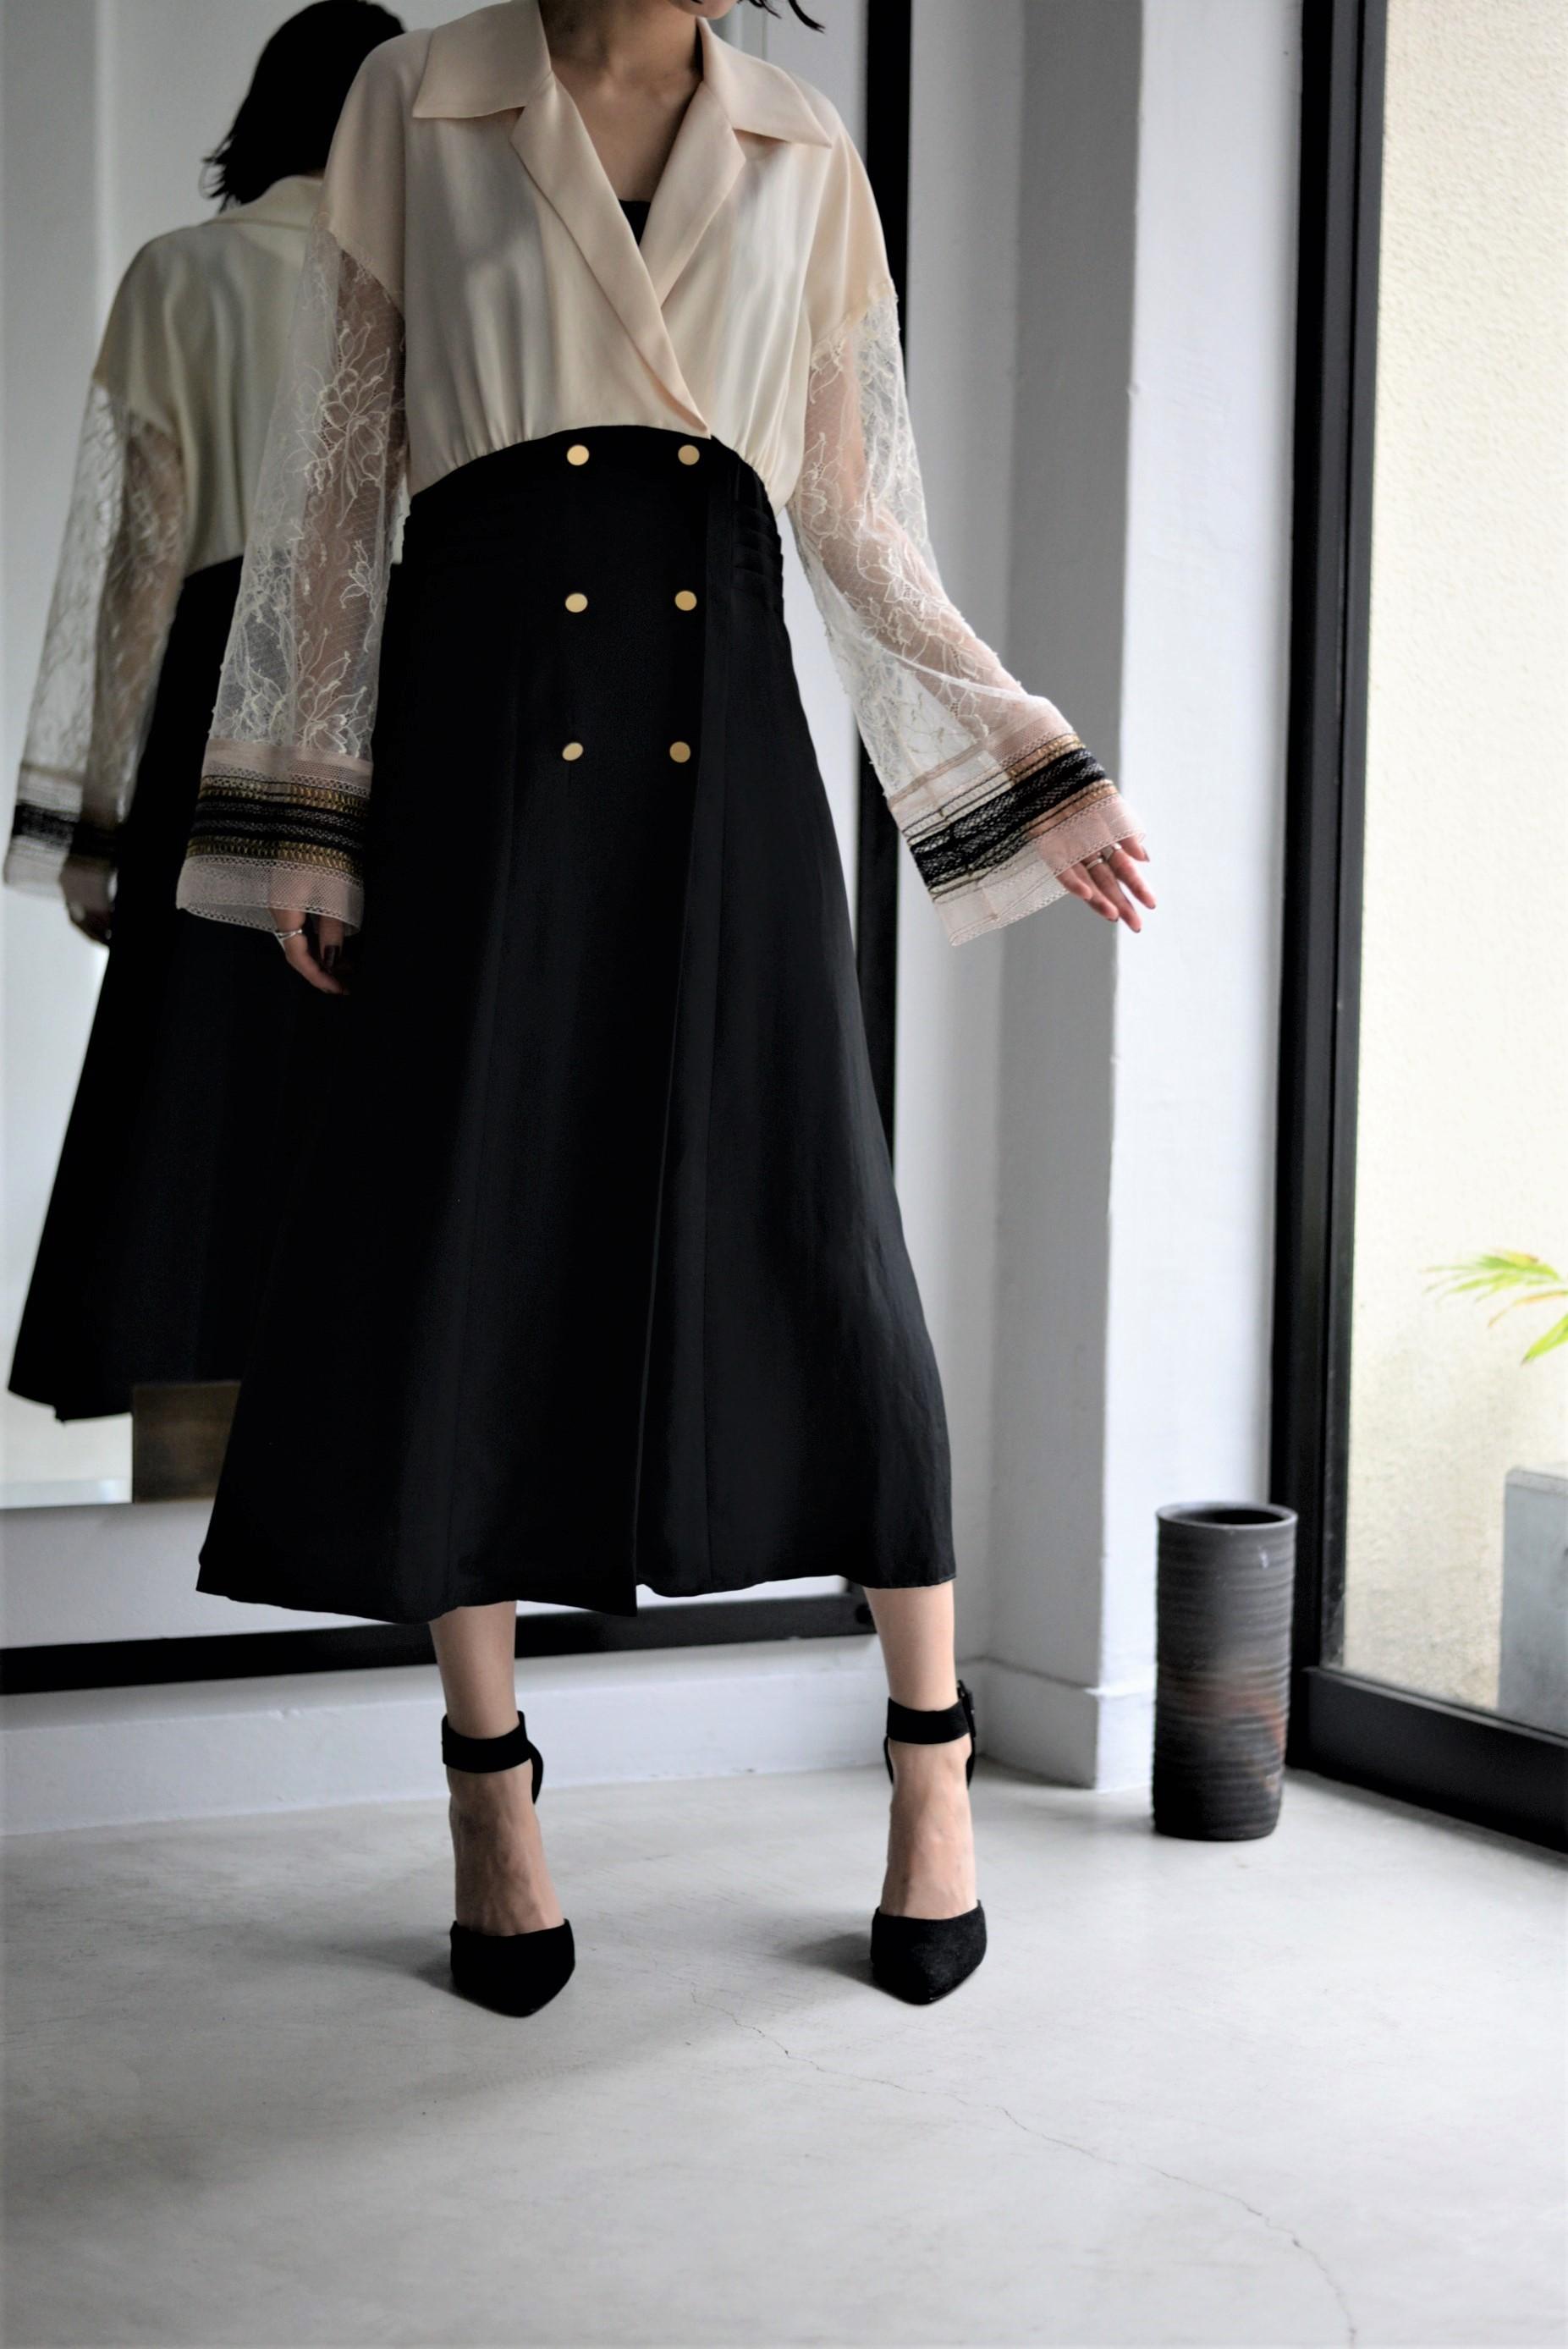 マニッシュさと上品さを併せ持つドレス 【STAIR】